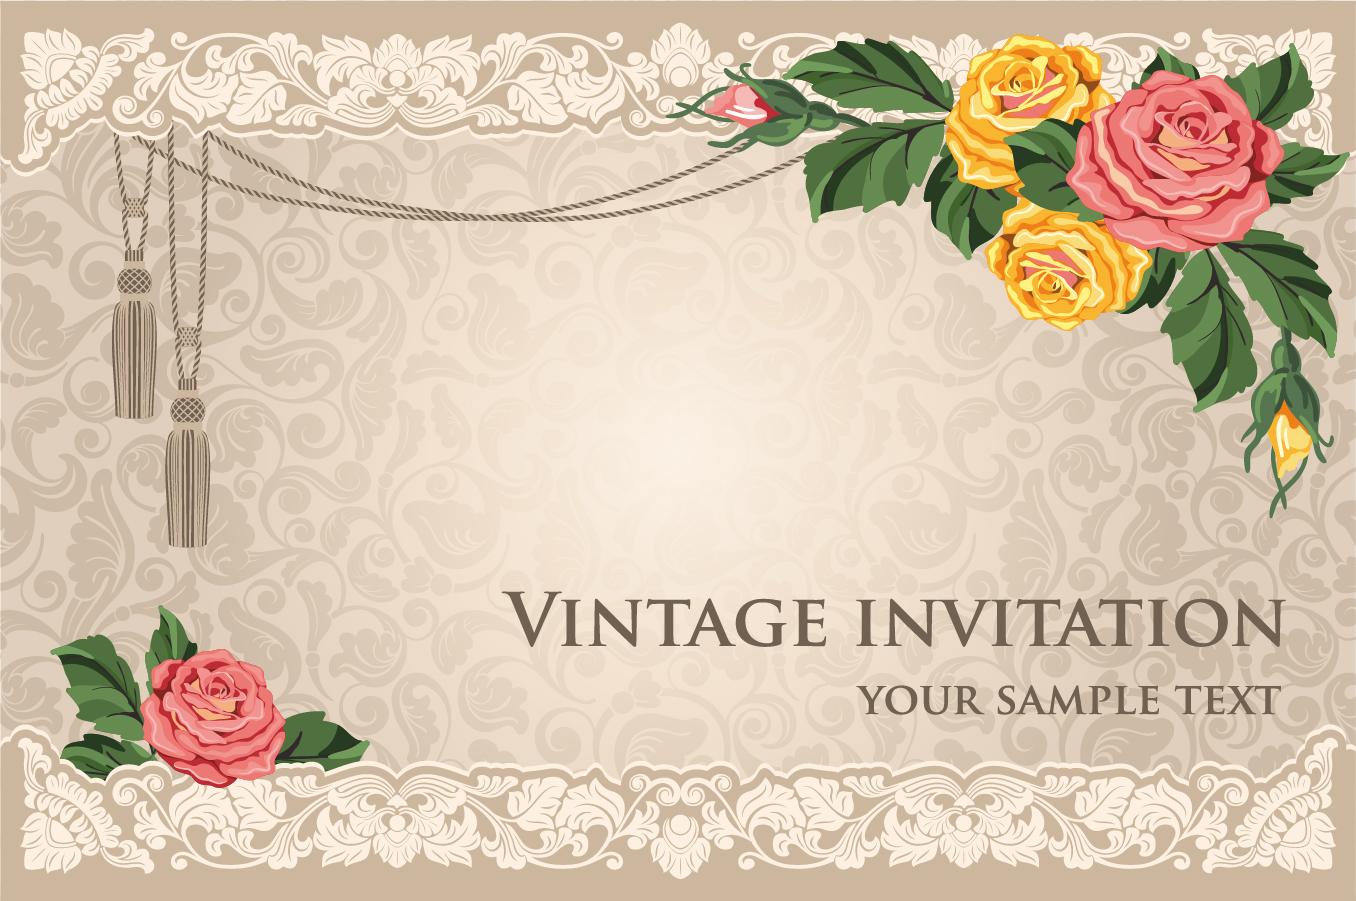 美しい花飾りの招待状テンプレート classical flowers green leaves background イラスト素材